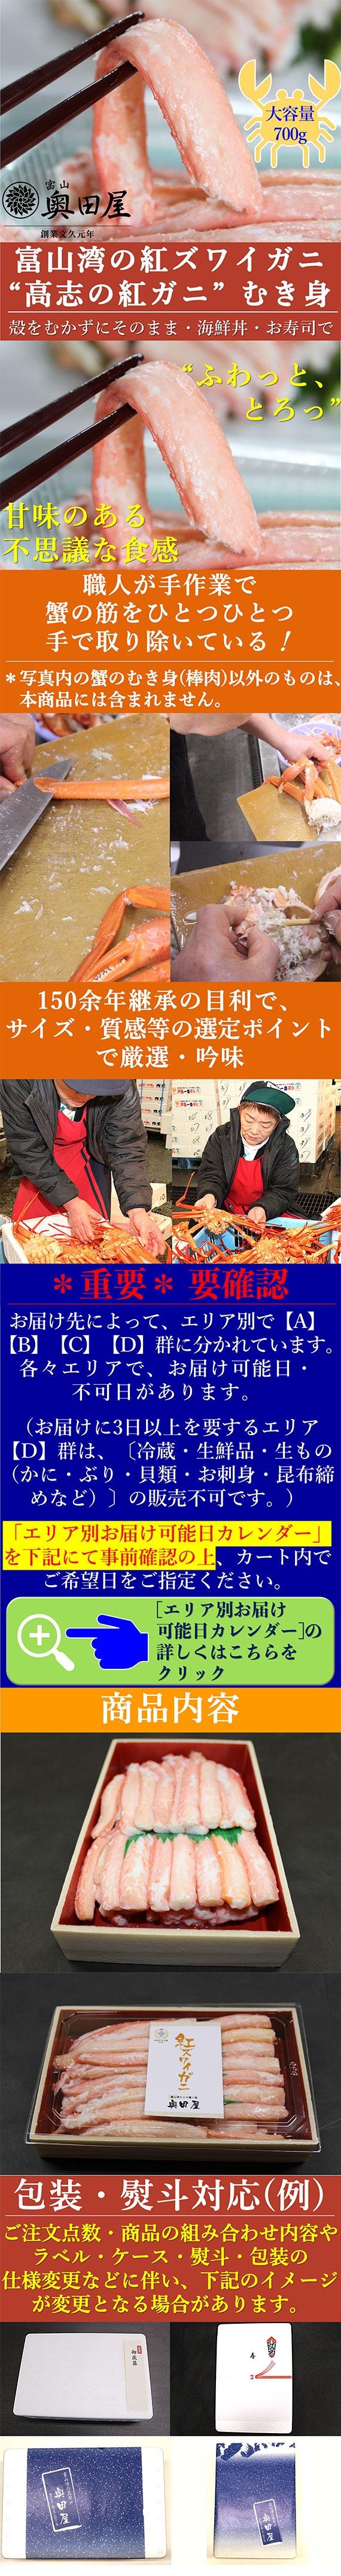 富山湾の紅ズワイガニ 《 高志の紅ガニ 》 むき身(棒肉)大容量:700g[天然・冷蔵品(生鮮)]《*9月1日解禁*》/【お歳暮2019】【早割】【カニ・鮮魚・魚介類】